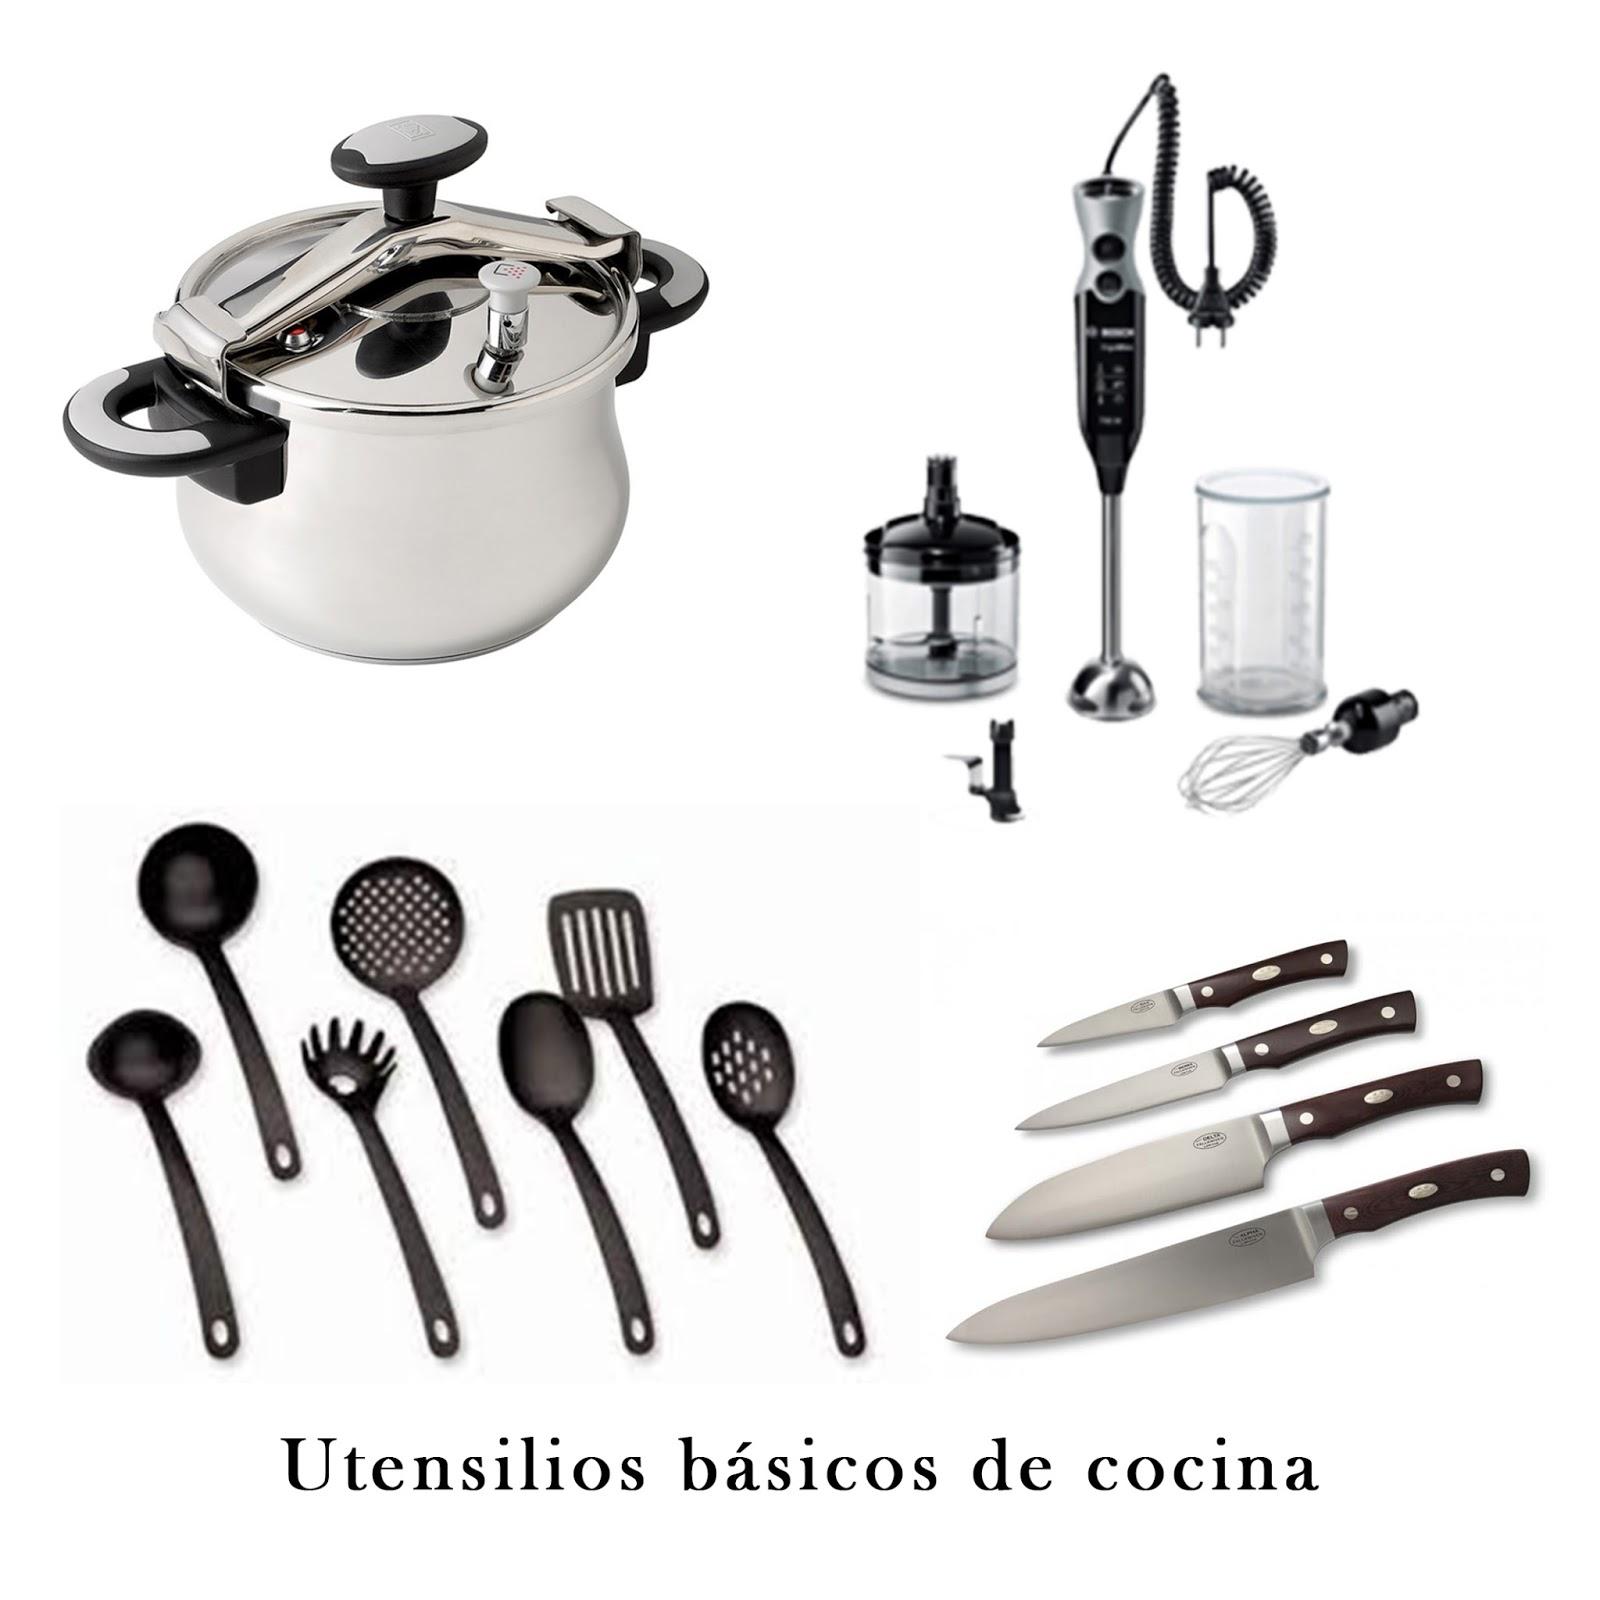 Cocina con pocos recursos: Utensilios basicos de cocina